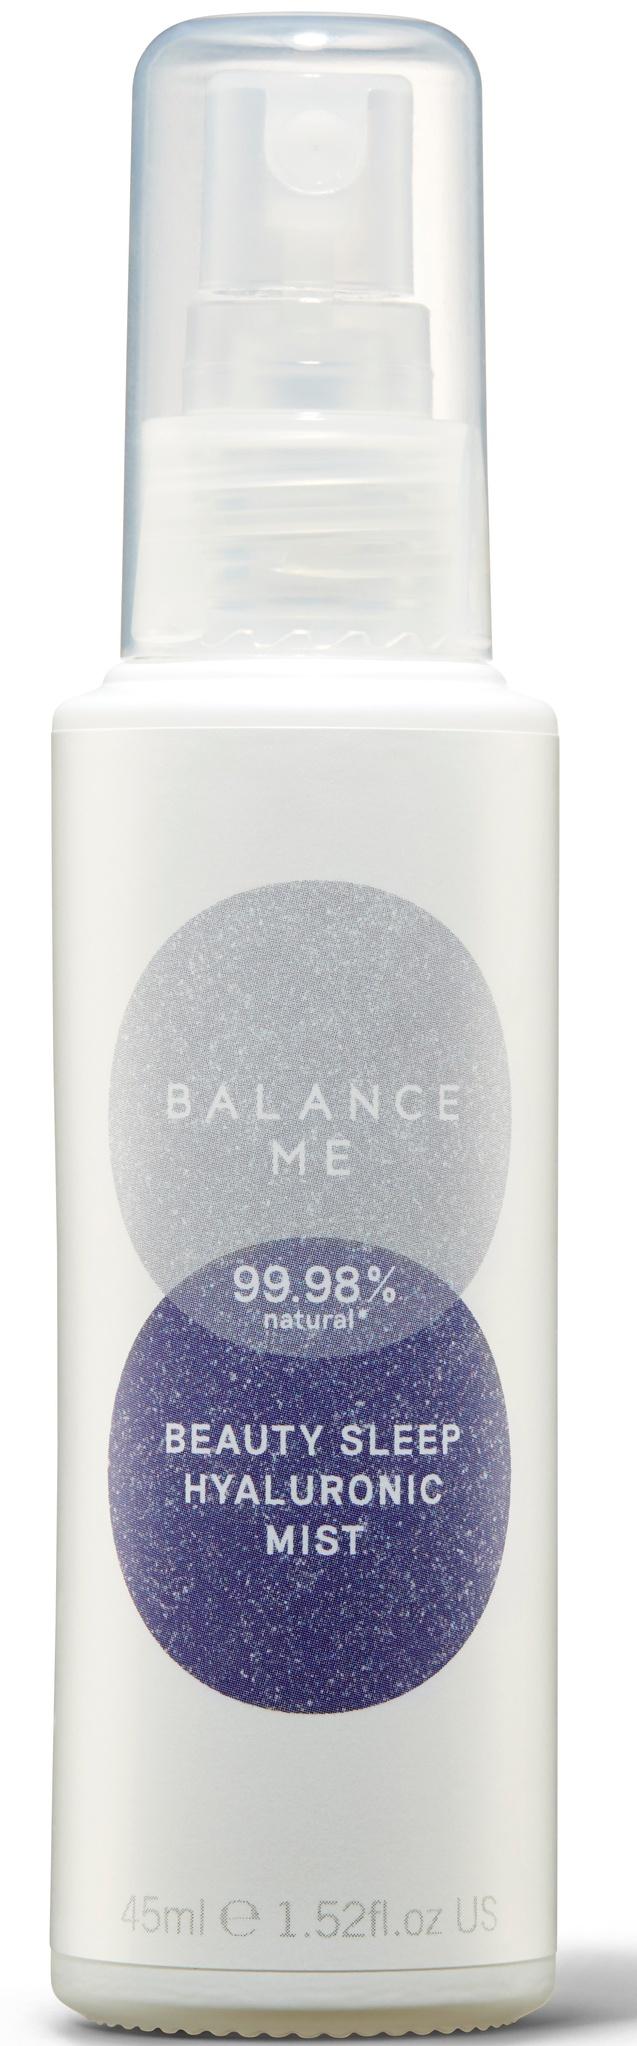 Balance Me Beauty Sleep Hyaluronic Mist